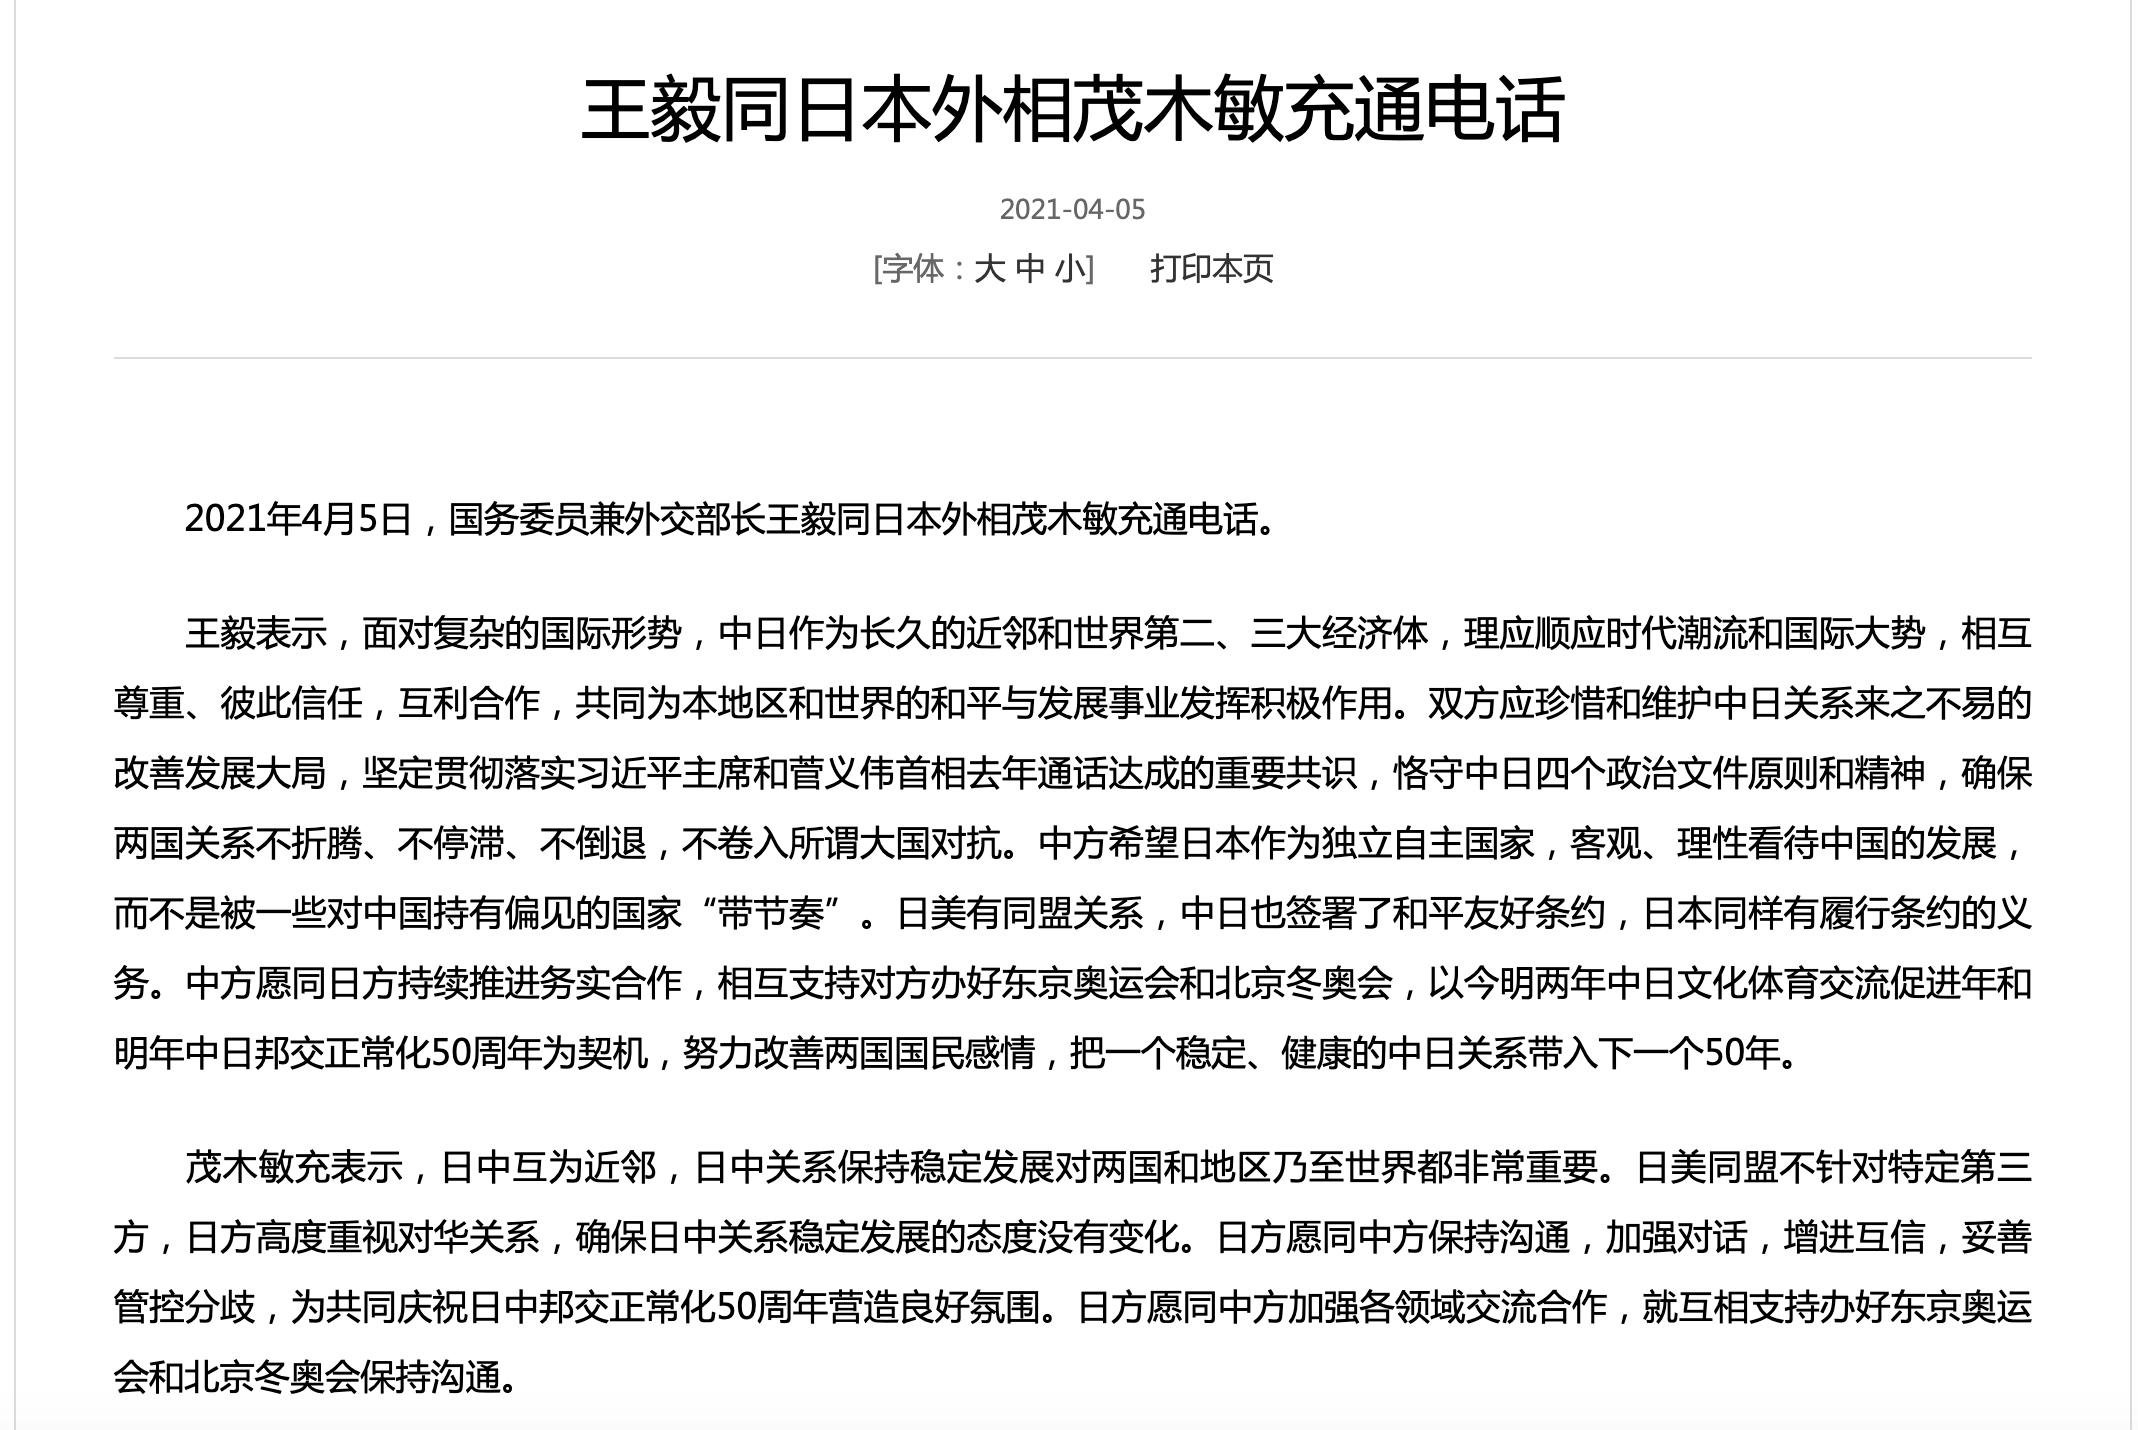 日本外相:日方愿同中方加强各领域交流合作,就互相支持办好东京奥运会和北京冬奥会保持沟通